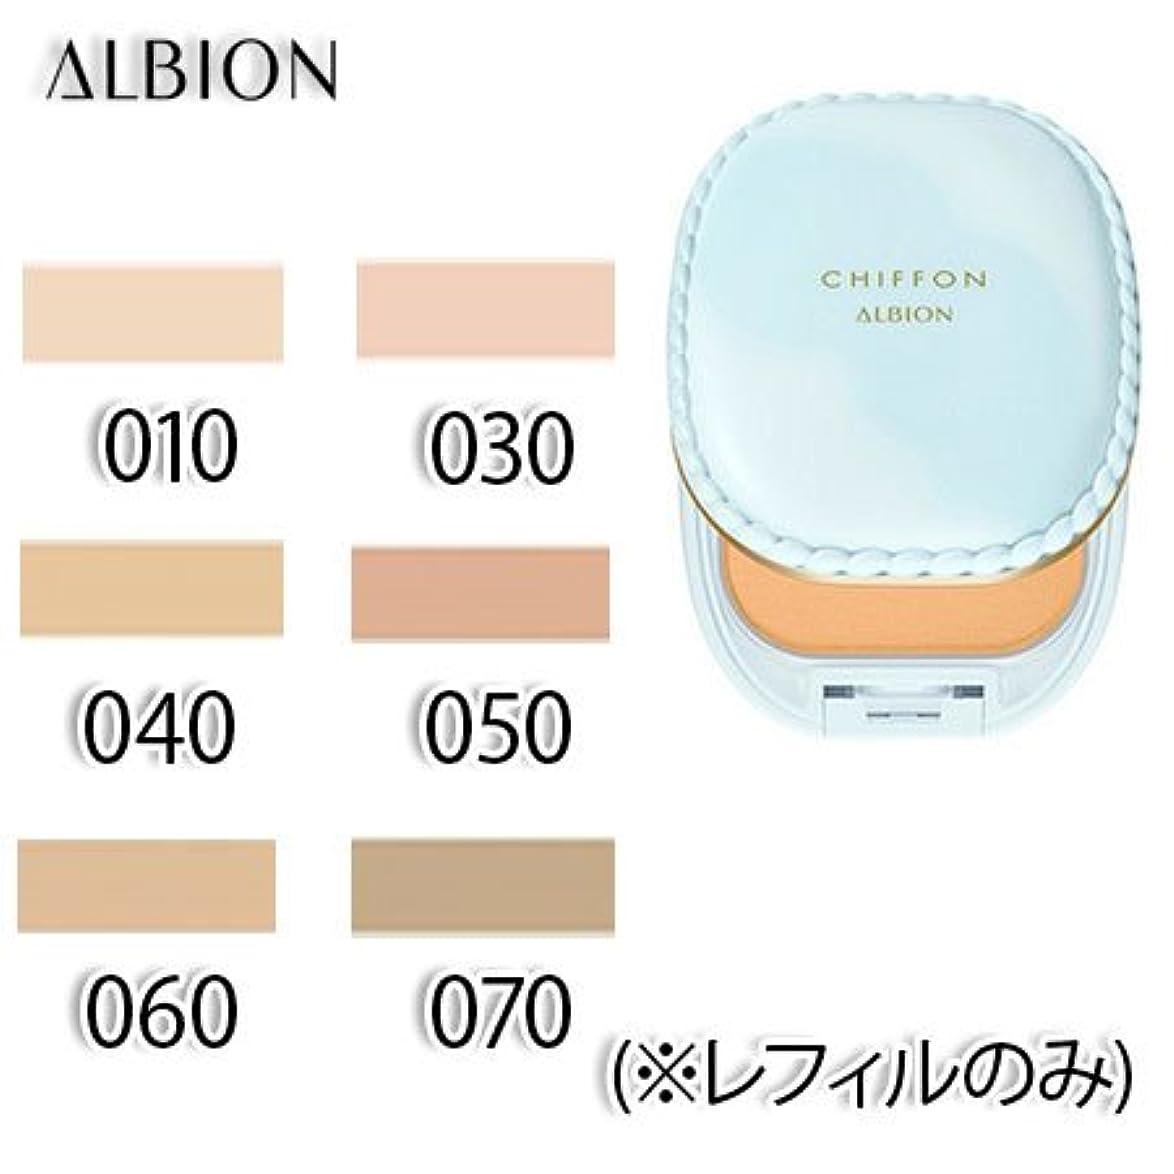 テクトニックフォアタイプ備品アルビオン スノー ホワイト シフォン 全6色 SPF25?PA++ 10g (レフィルのみ) -ALBION- 060